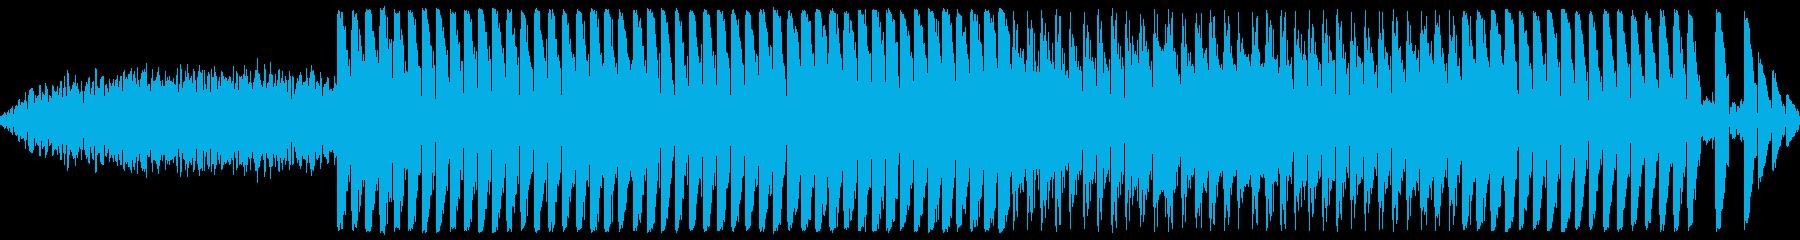 シネマティック センチメンタル サ...の再生済みの波形